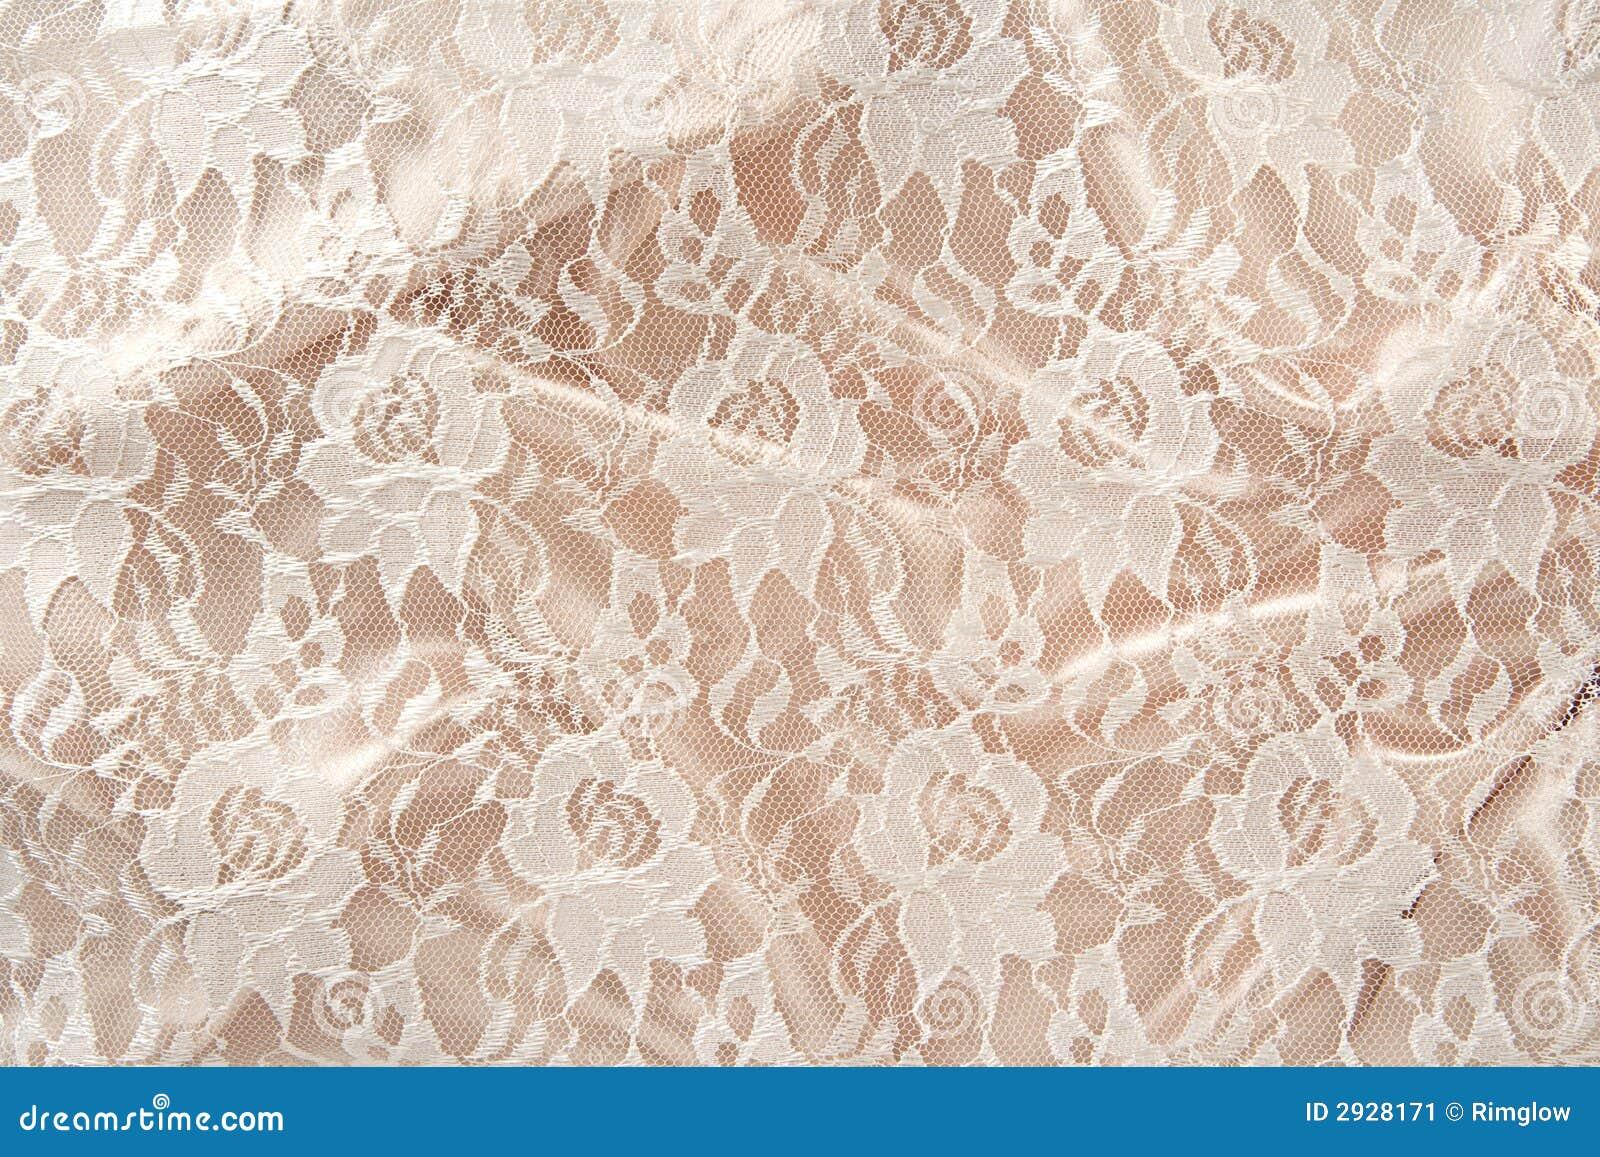 Satin Amp Lace Stock Image Image 2928171